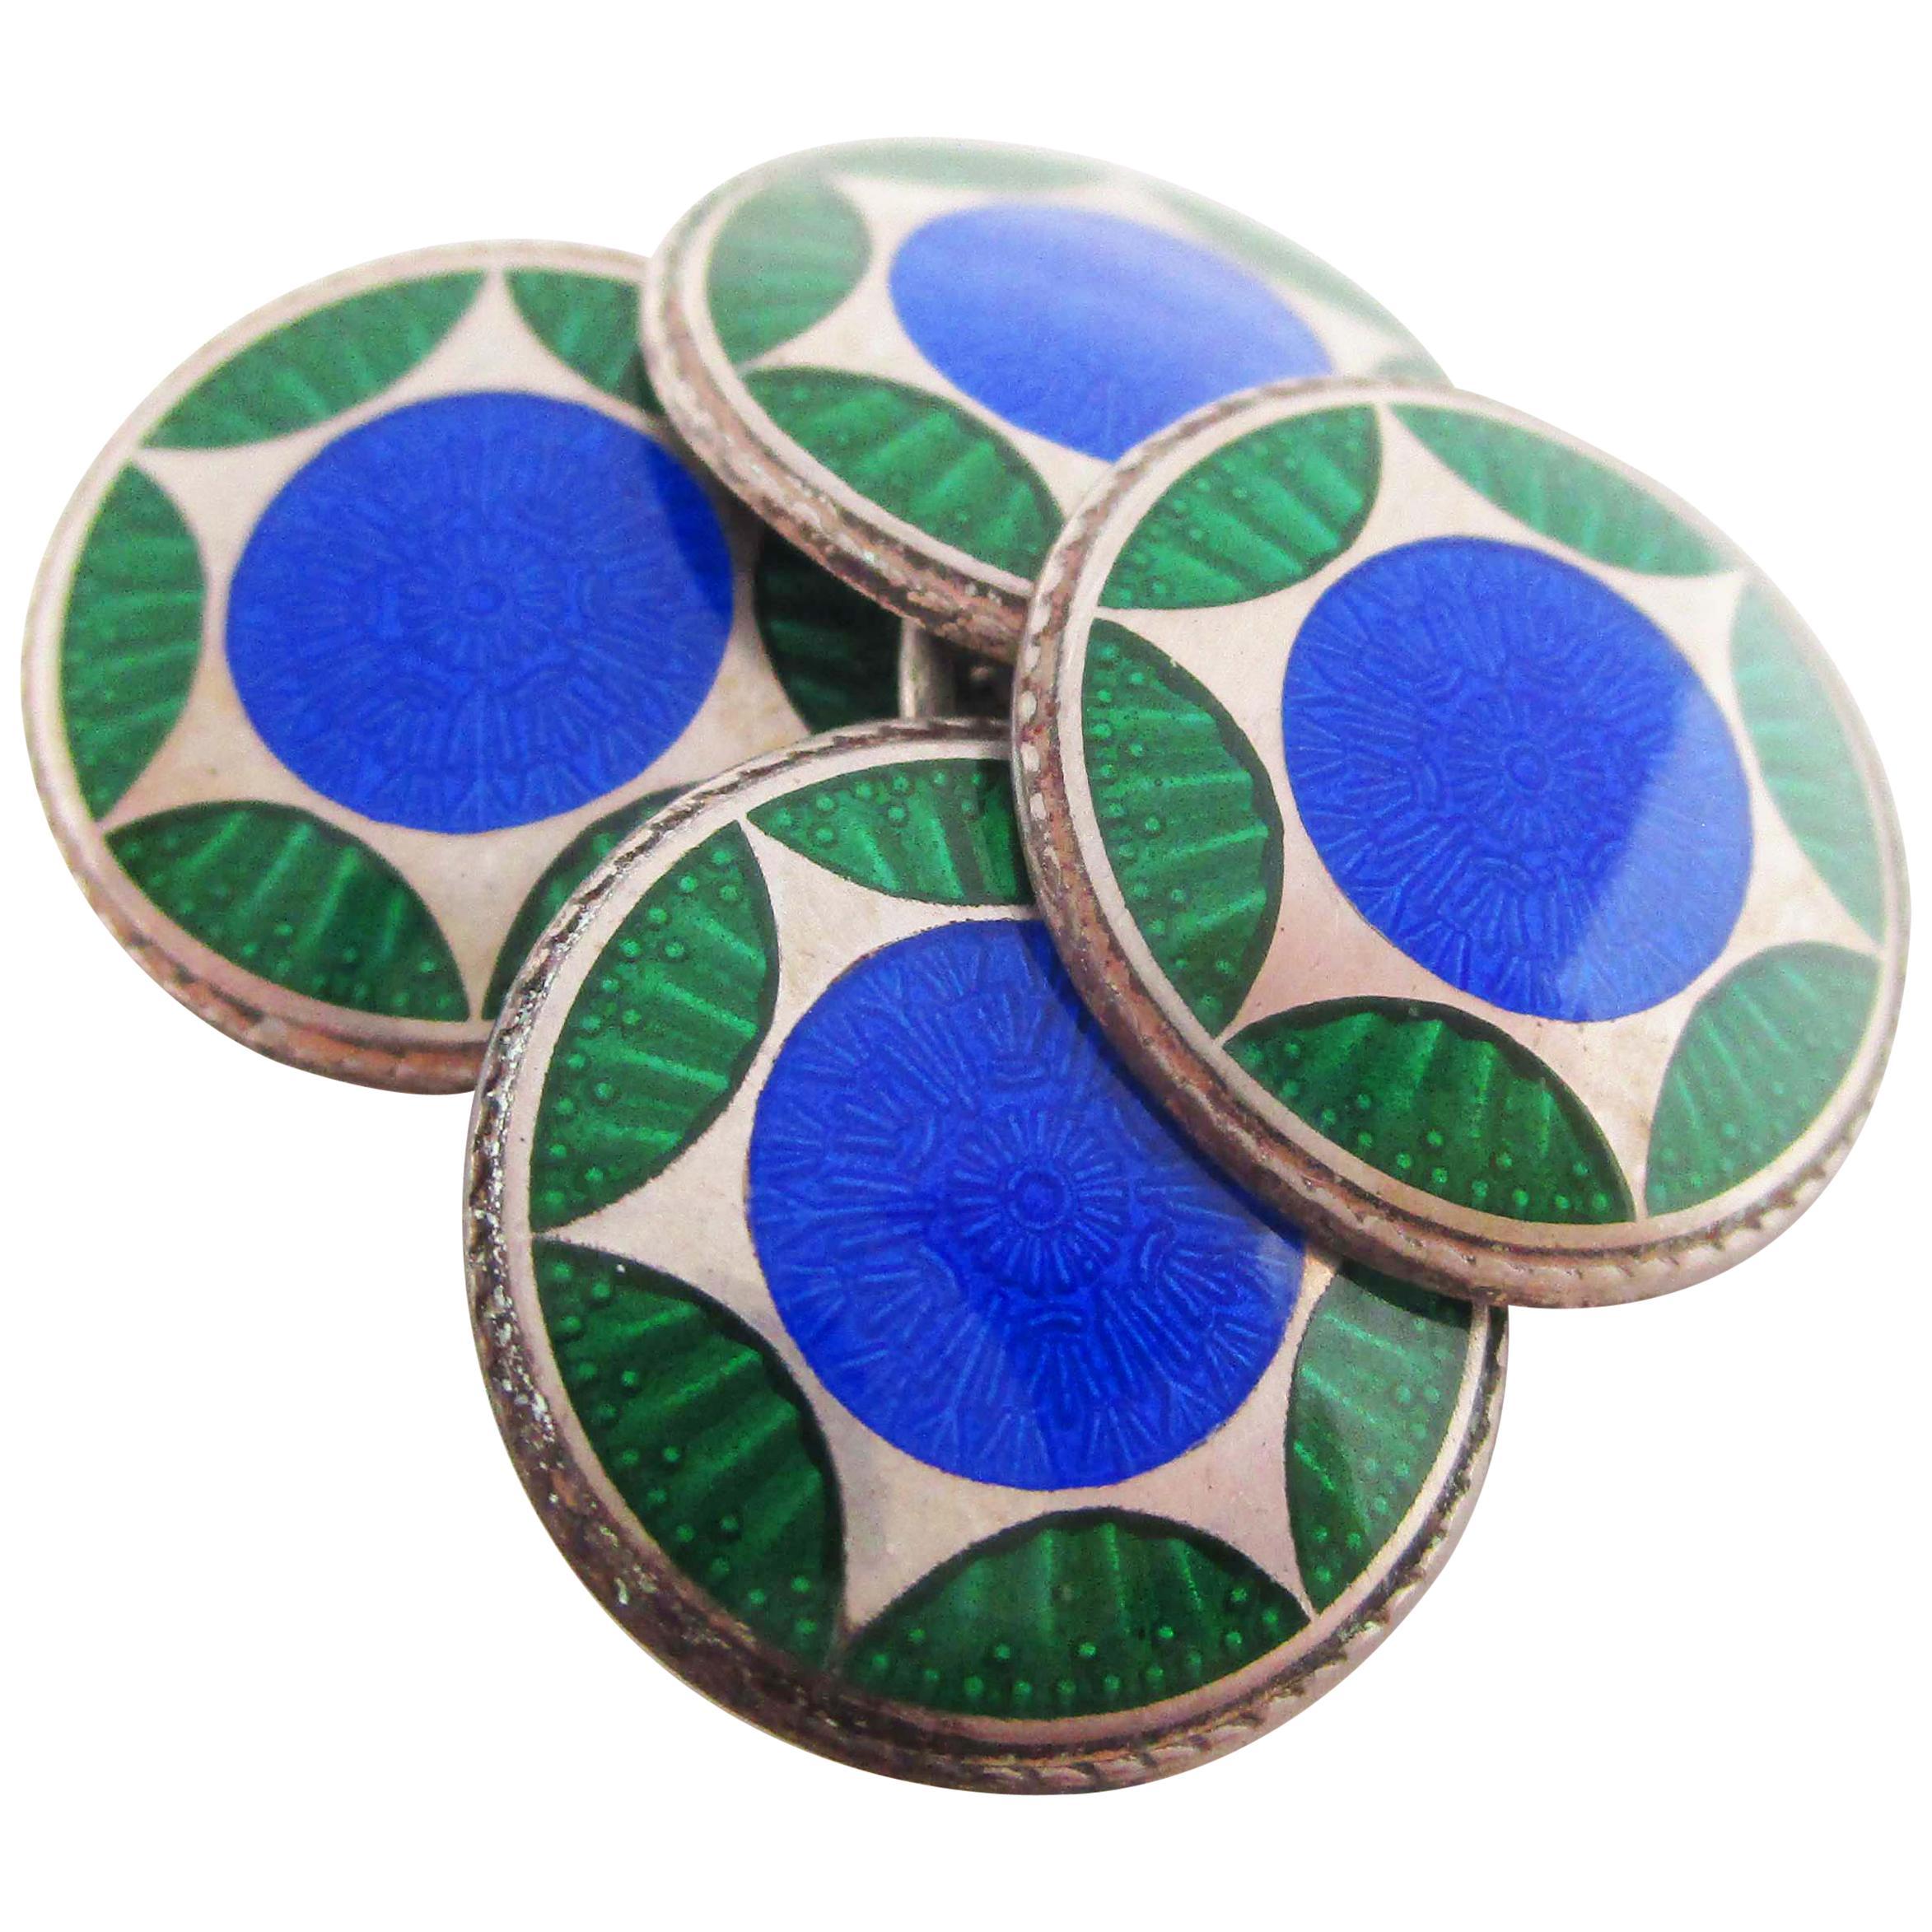 Art Deco Sterling Silver Two Color Enamel Cufflinks